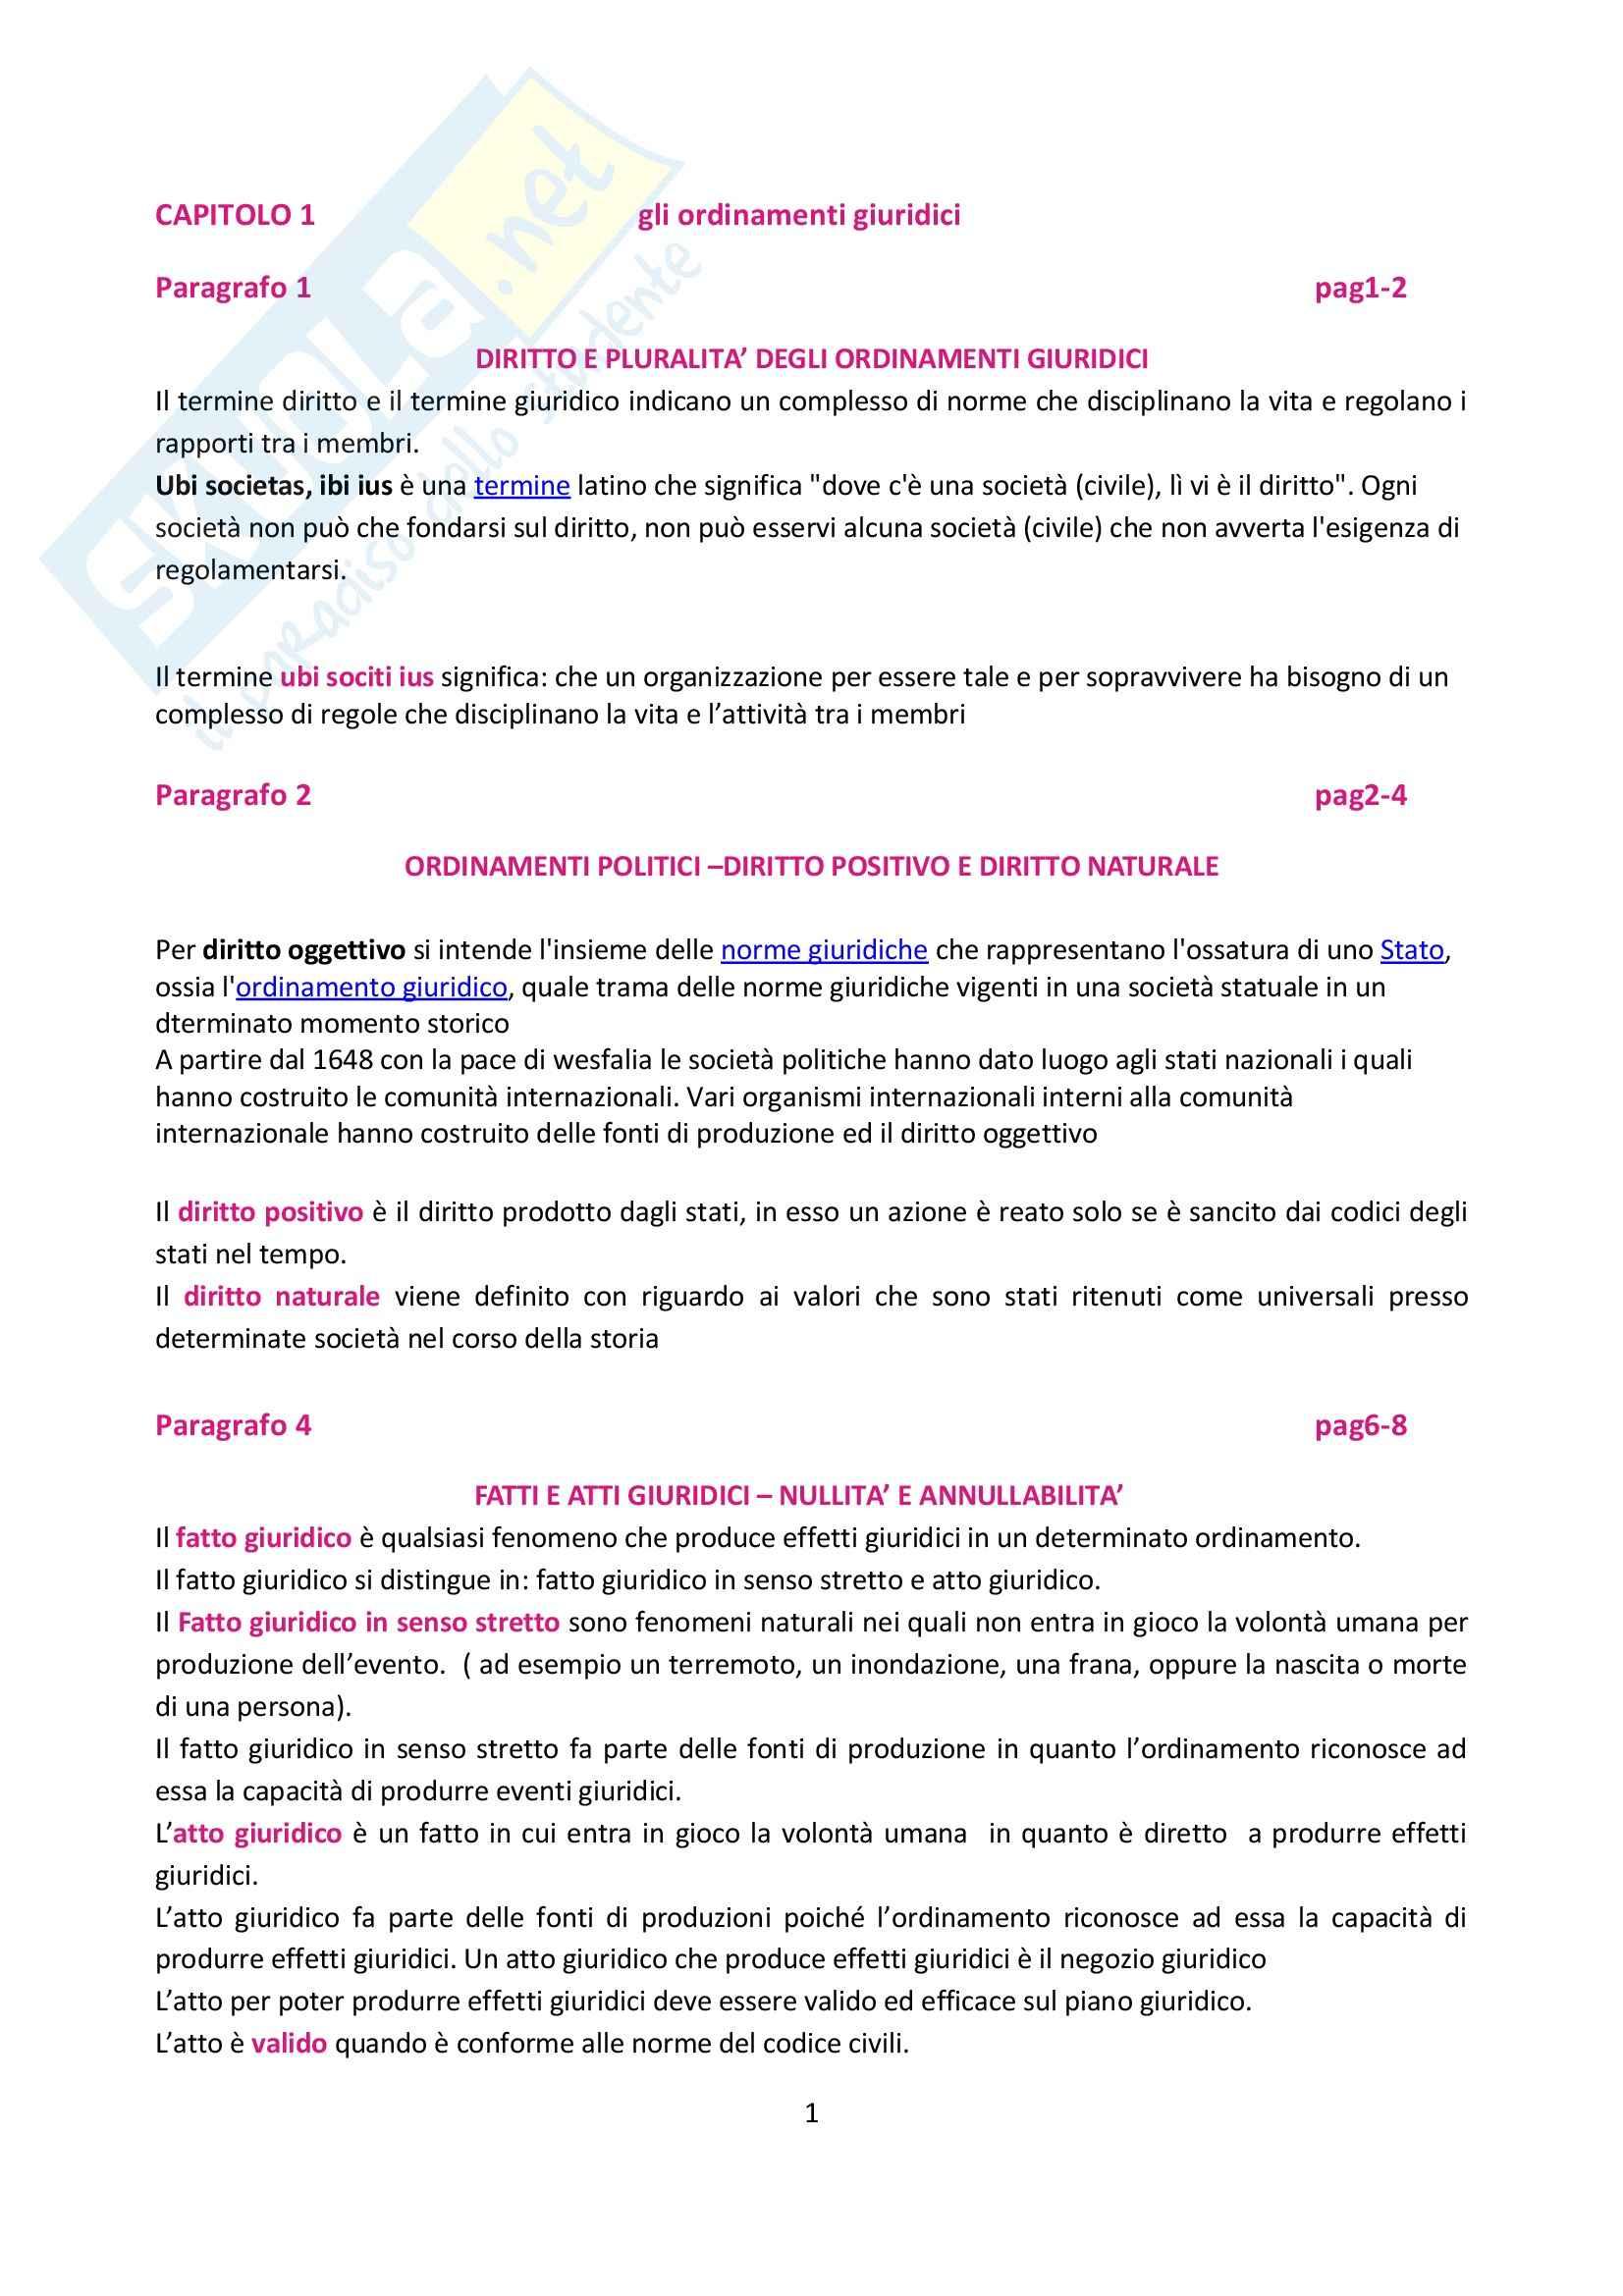 Riassunto esame Diritto Pubblico, prof. Luchena, libro consigliato Manuale di Diritto Pubblico, Rossano